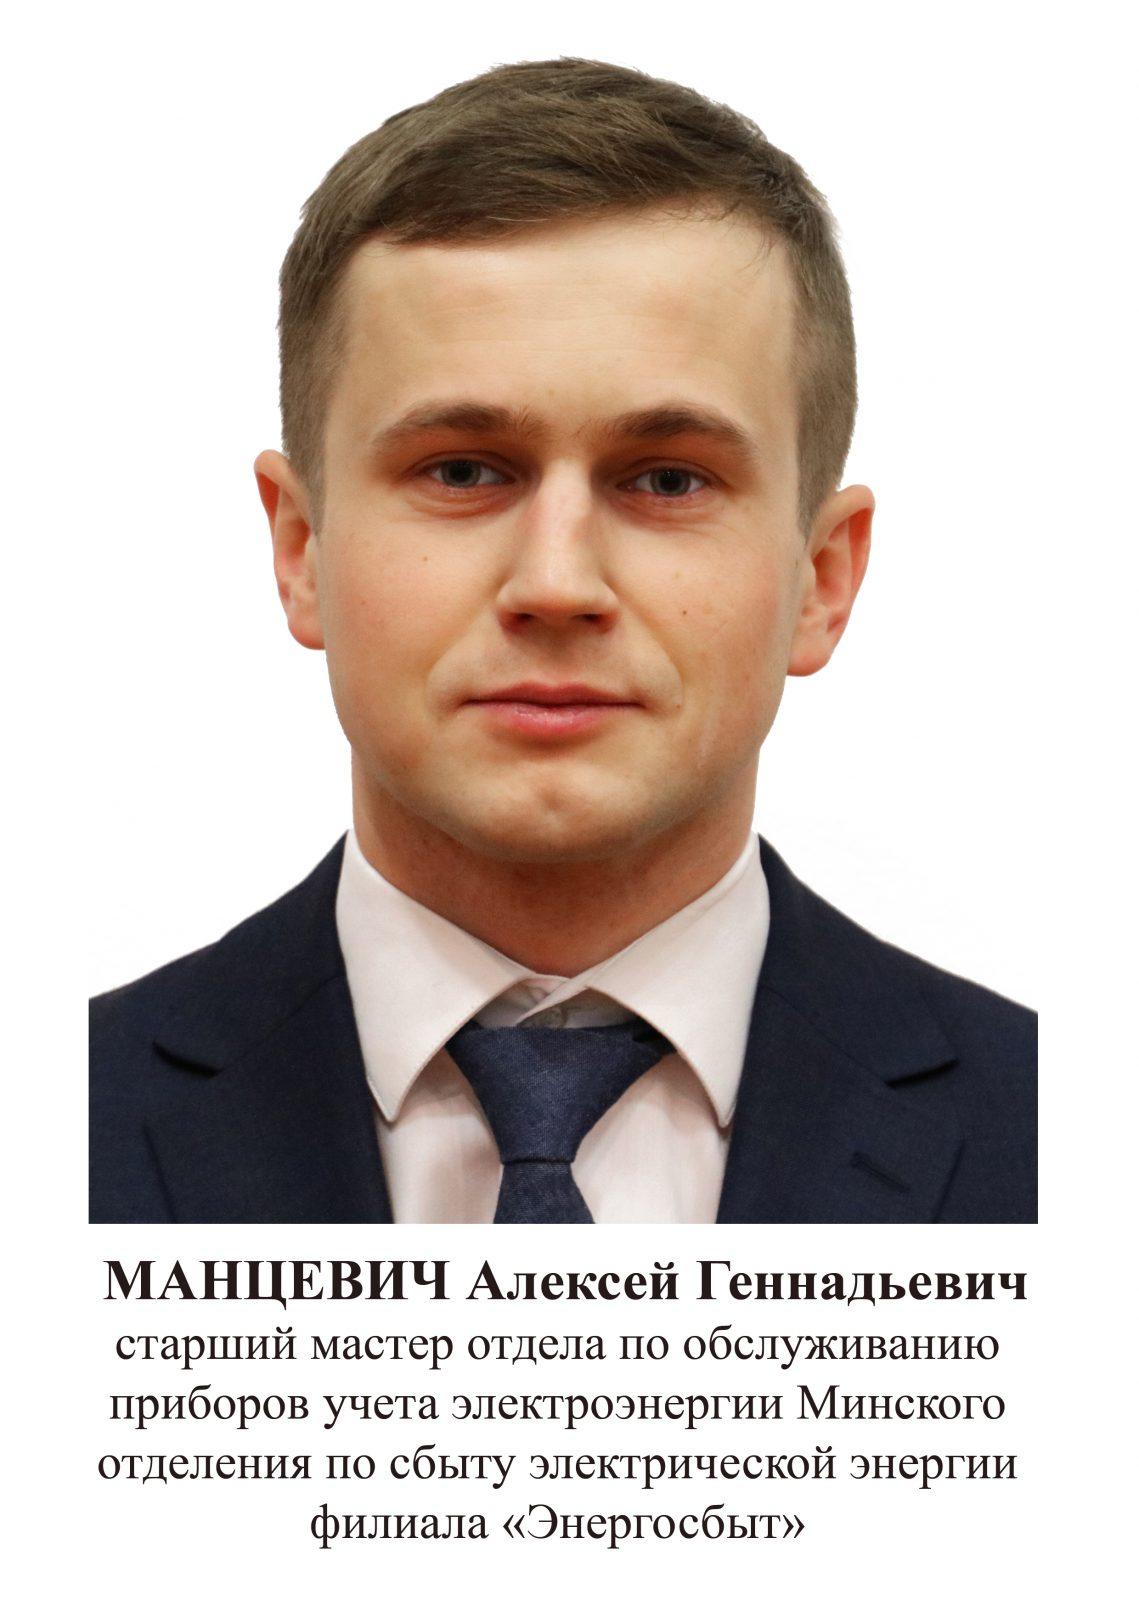 Манцевич Алексей Геннадьевич